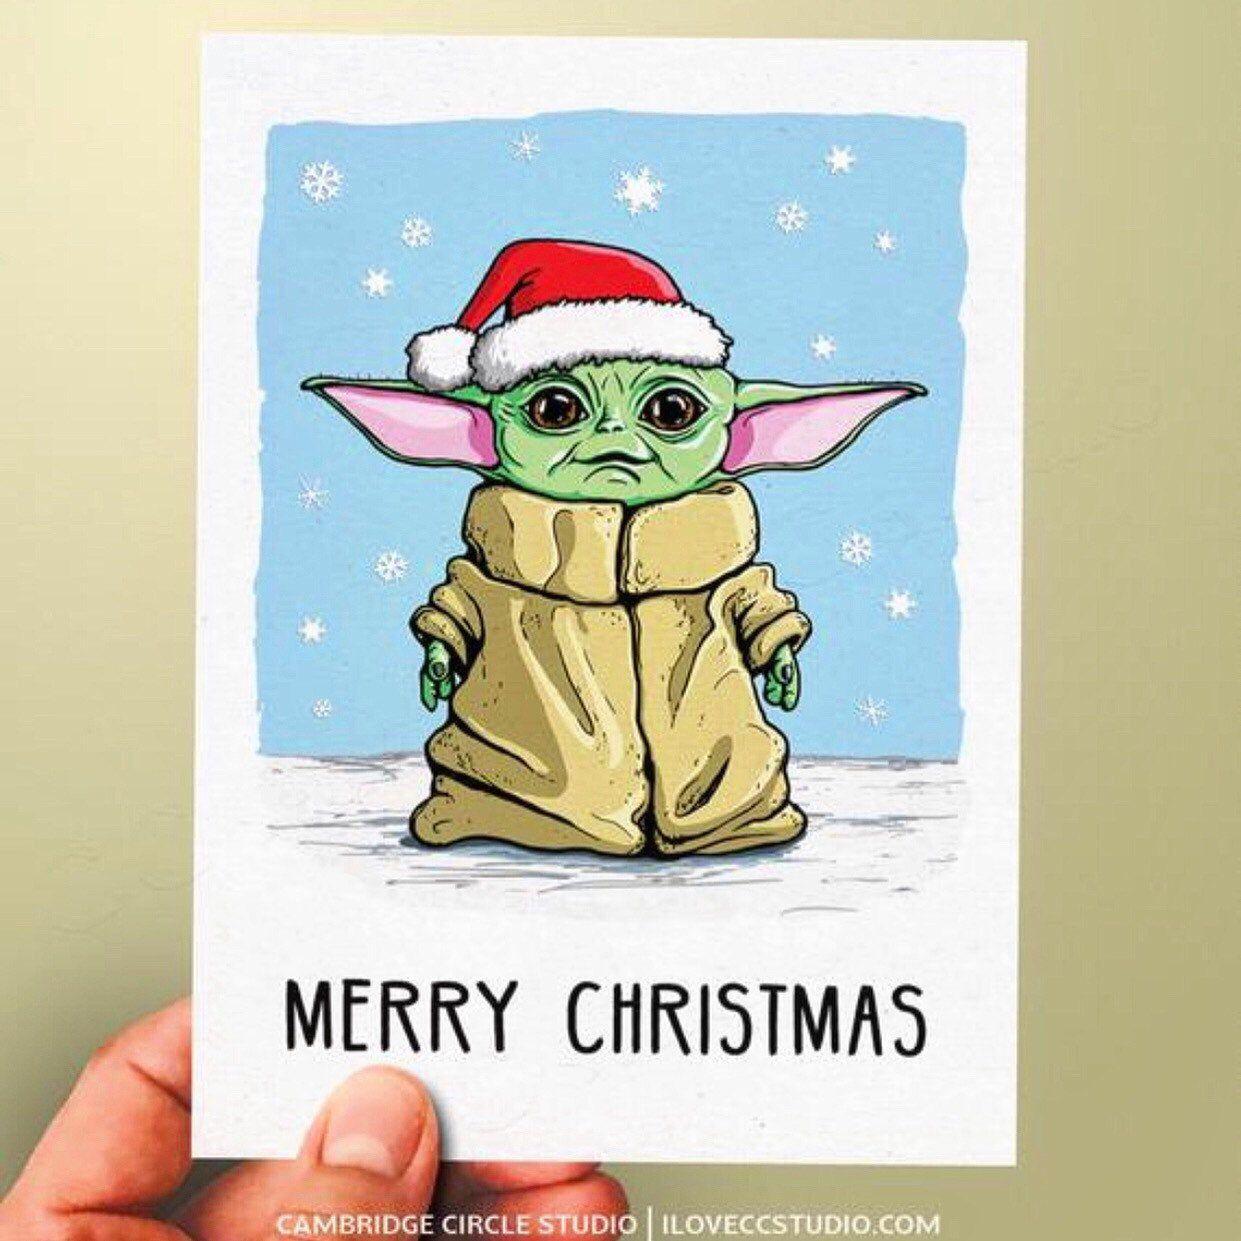 Lego Star Wars Santa Yoda Christmas Yoda Coloring Page Lego Coloring Pages Coloring Pages Christmas Coloring Pages